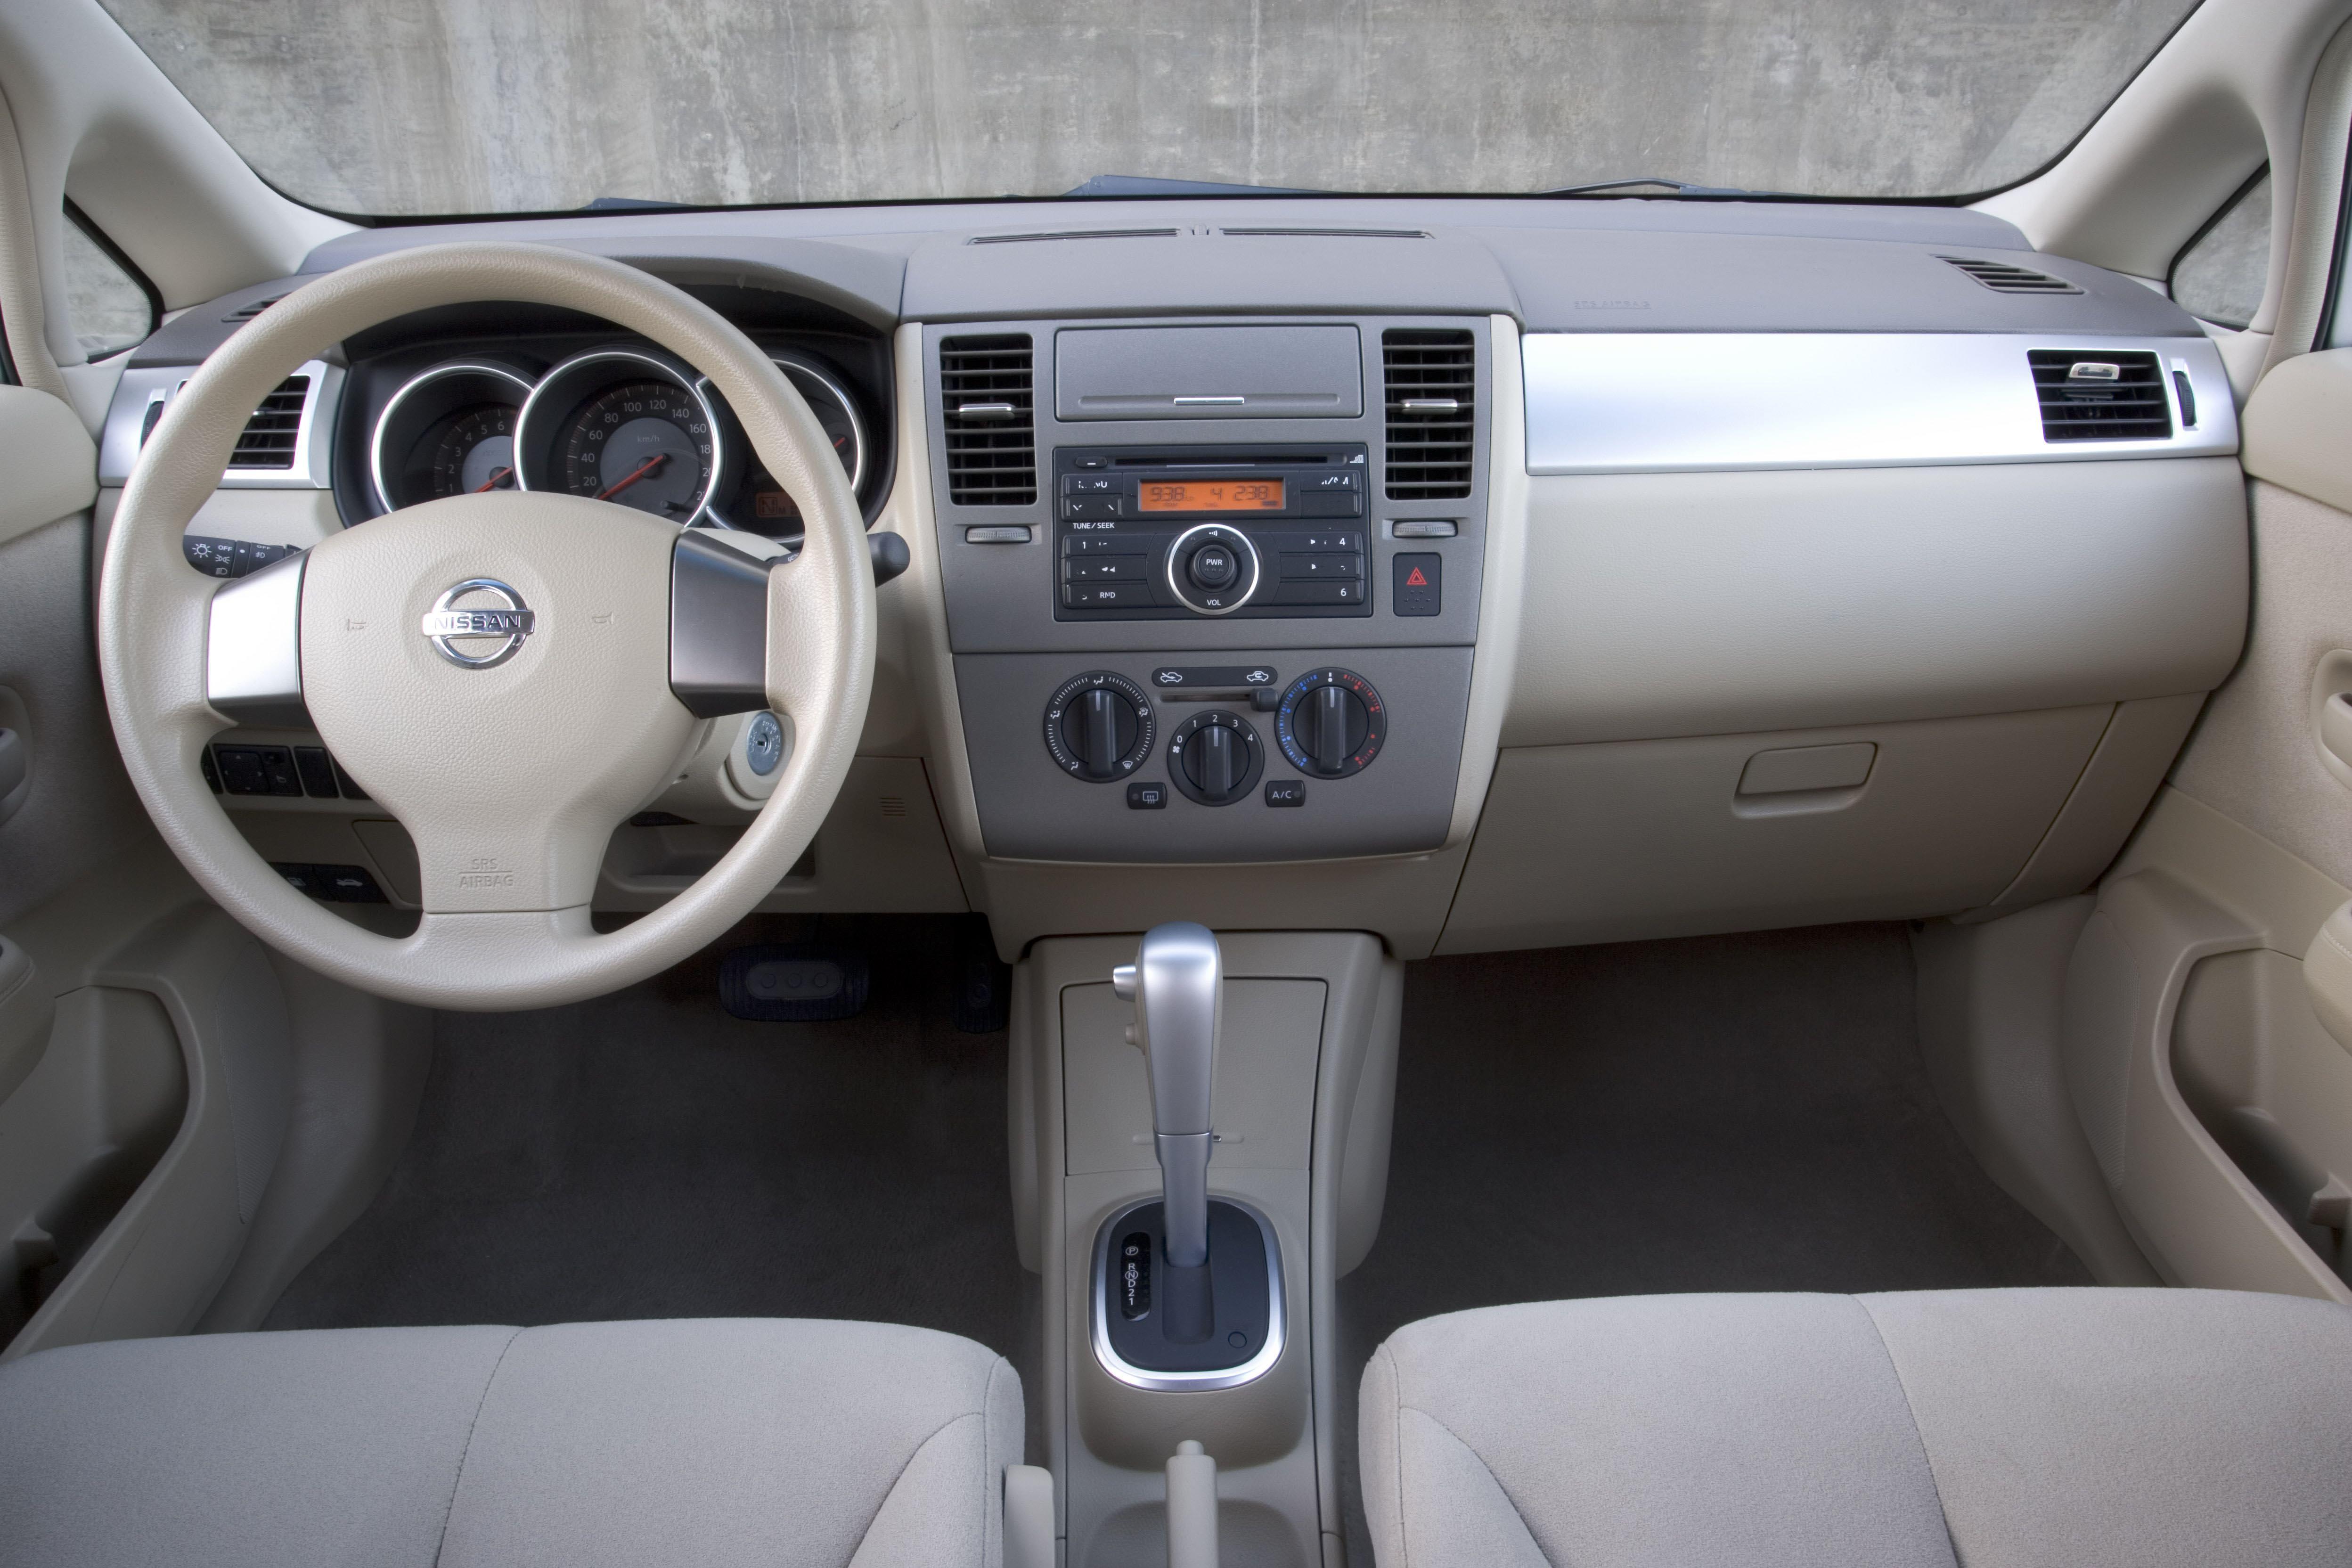 Nissan Versa I 2006 - 2012 Sedan #1